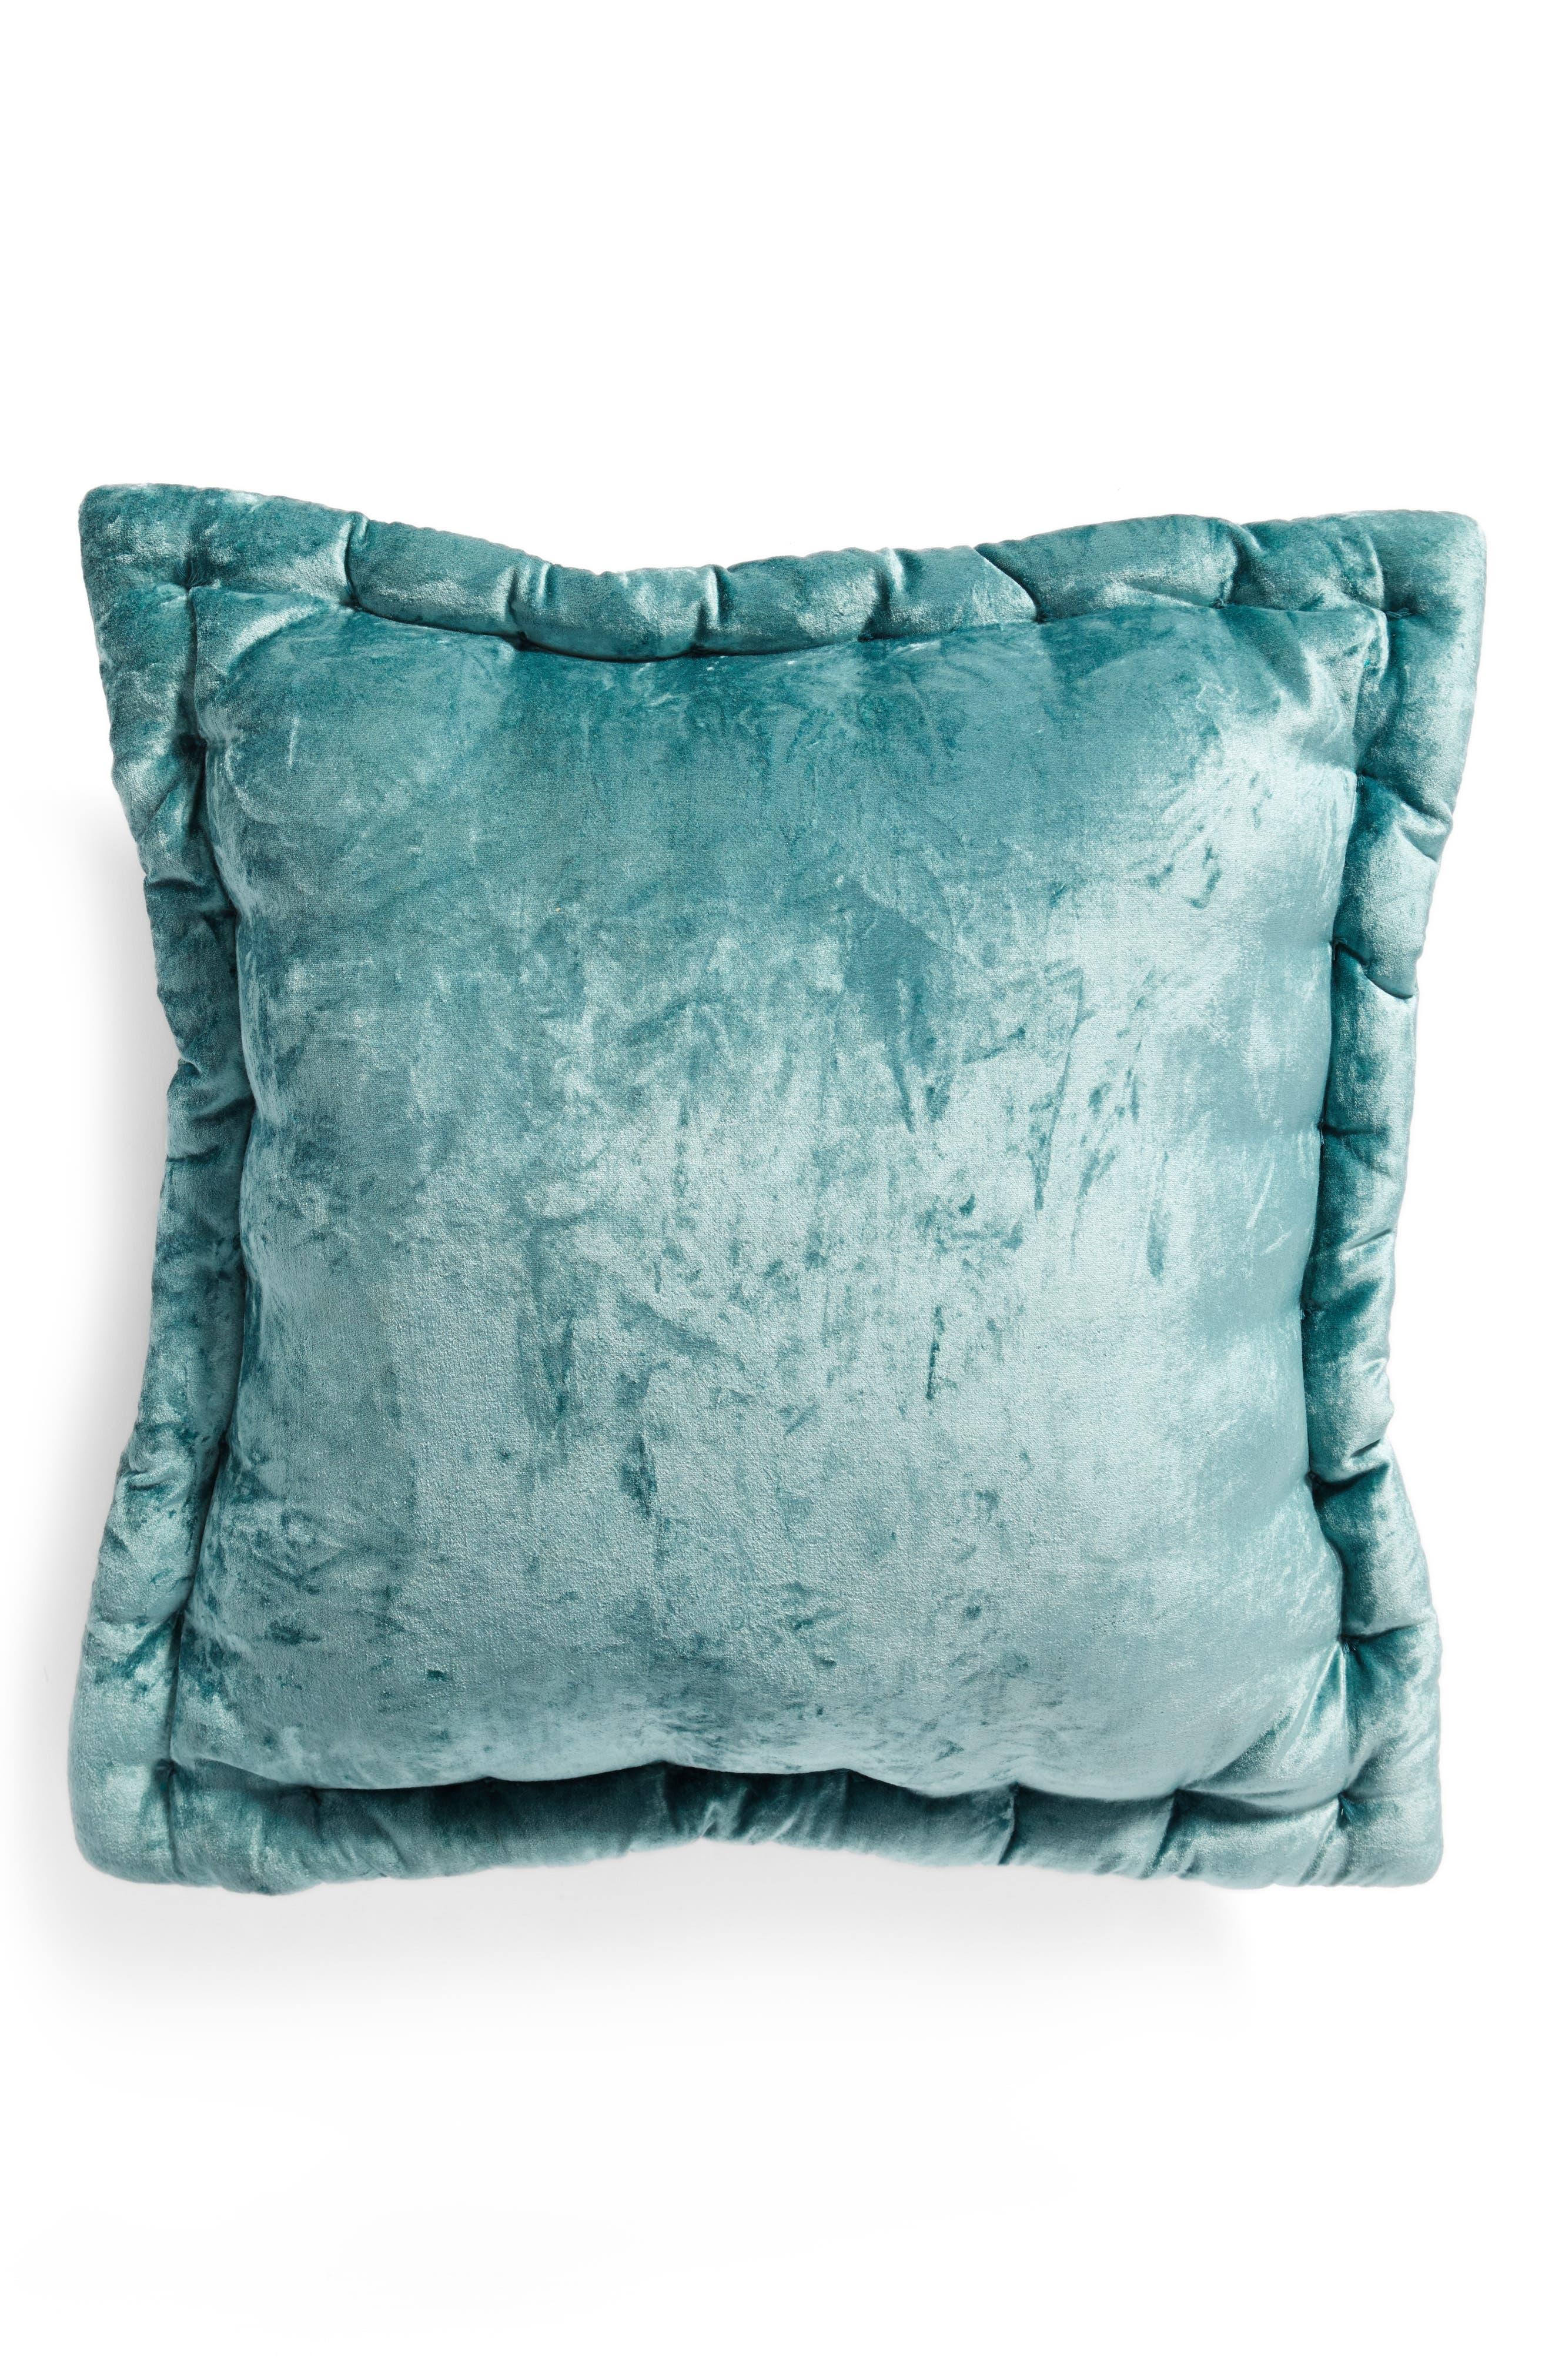 Velvet Accent Pillow,                         Main,                         color, Teal Titanic